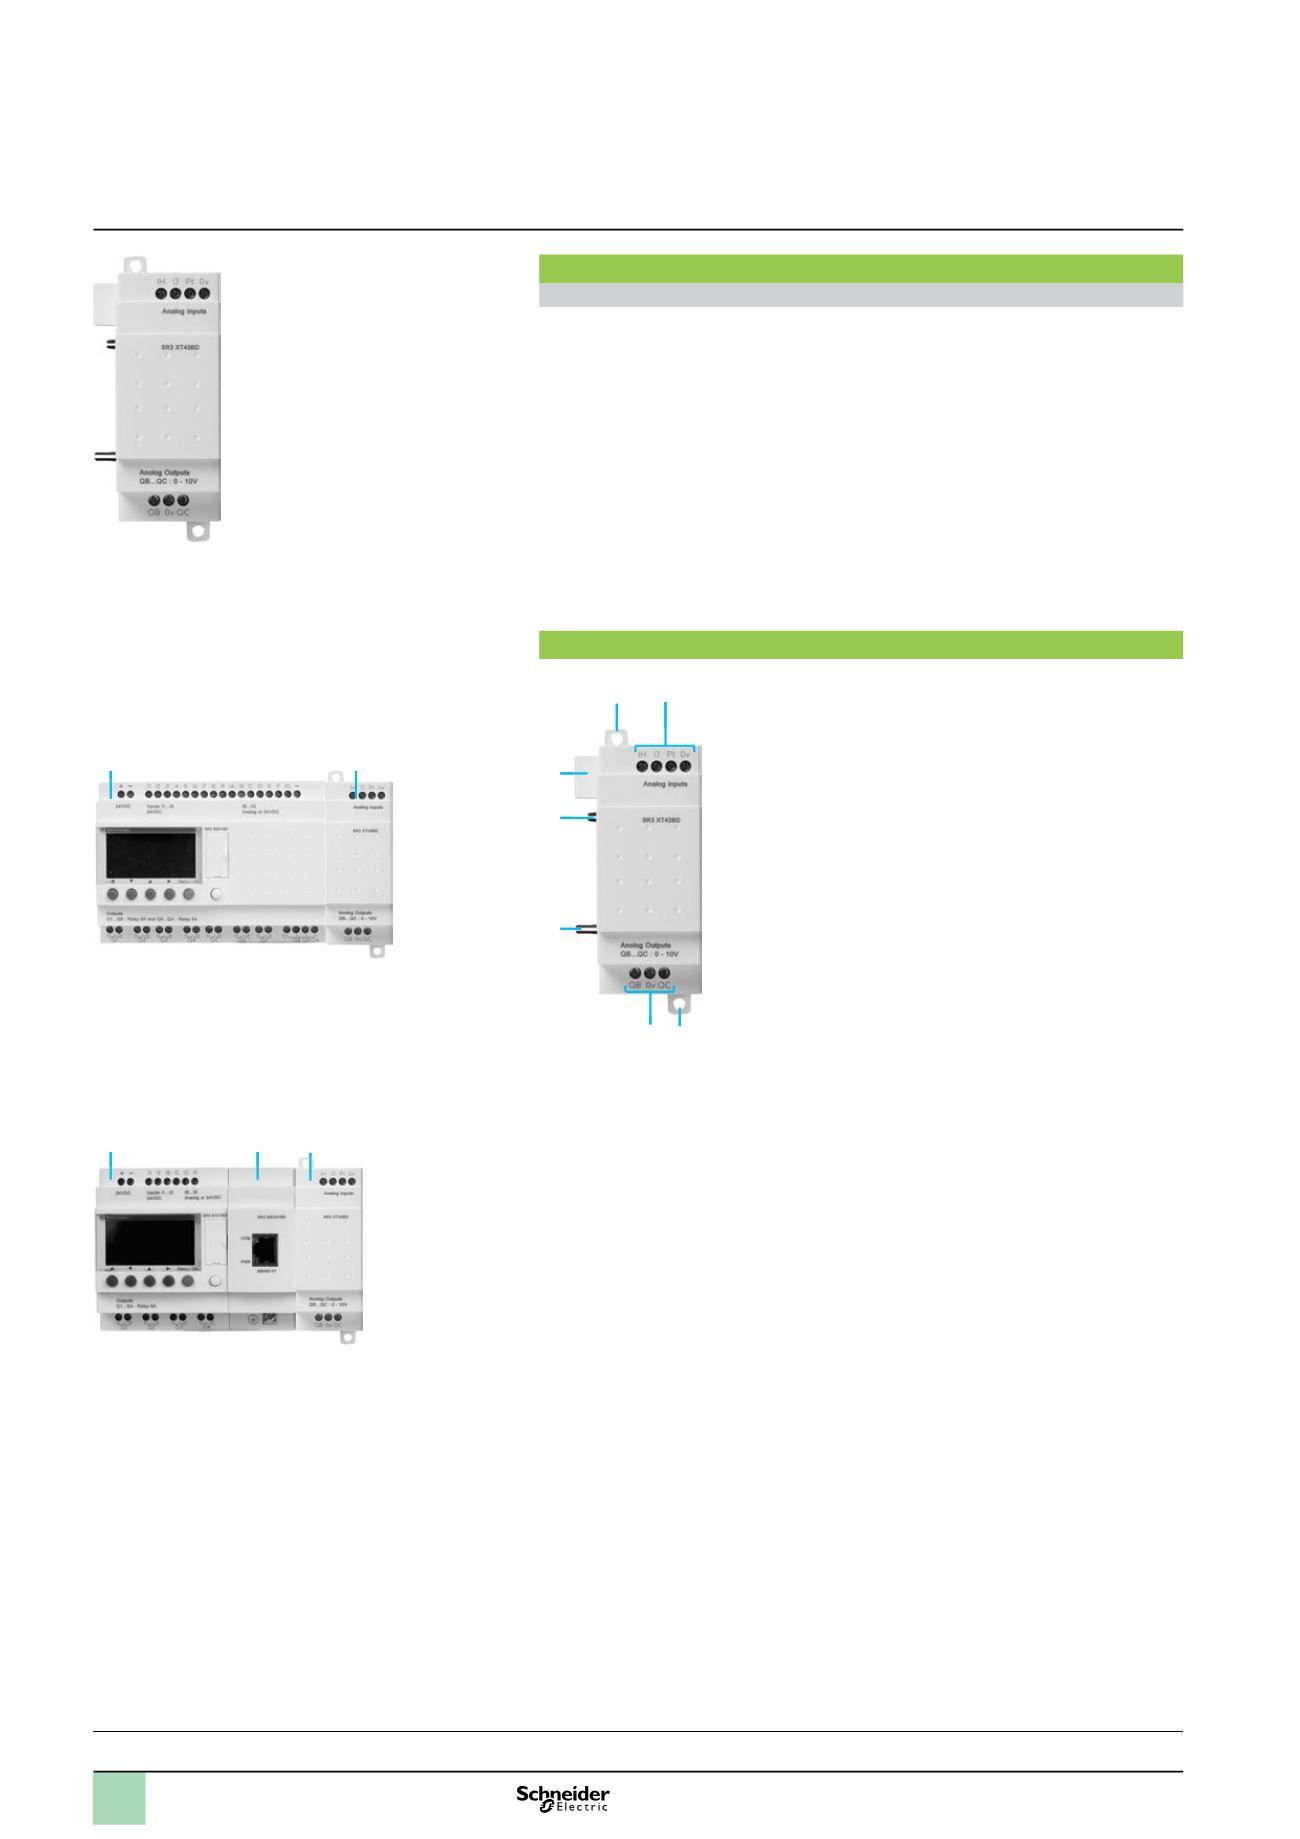 [DIAGRAM_5LK]  Smart relays Zelio Logic   Zelio Smart Relay Wiring Diagram      Smart relays Zelio Logic